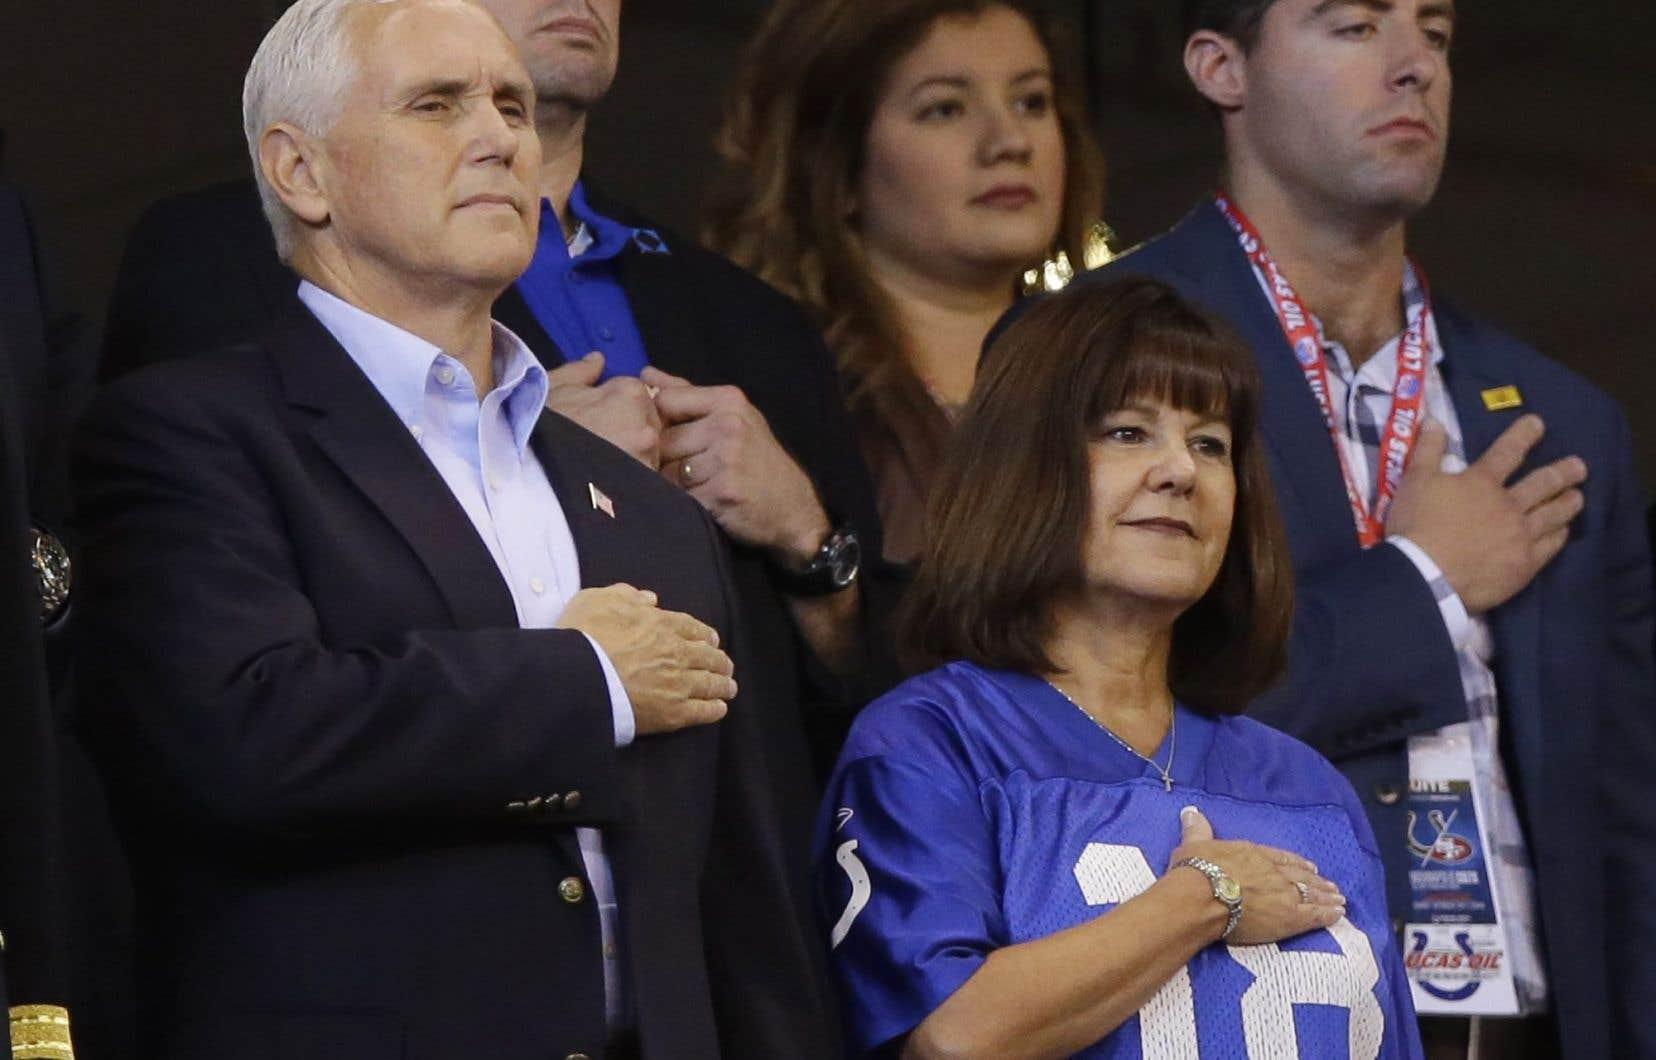 Le vice-président américain, Mike Pence, et sa femme Karen